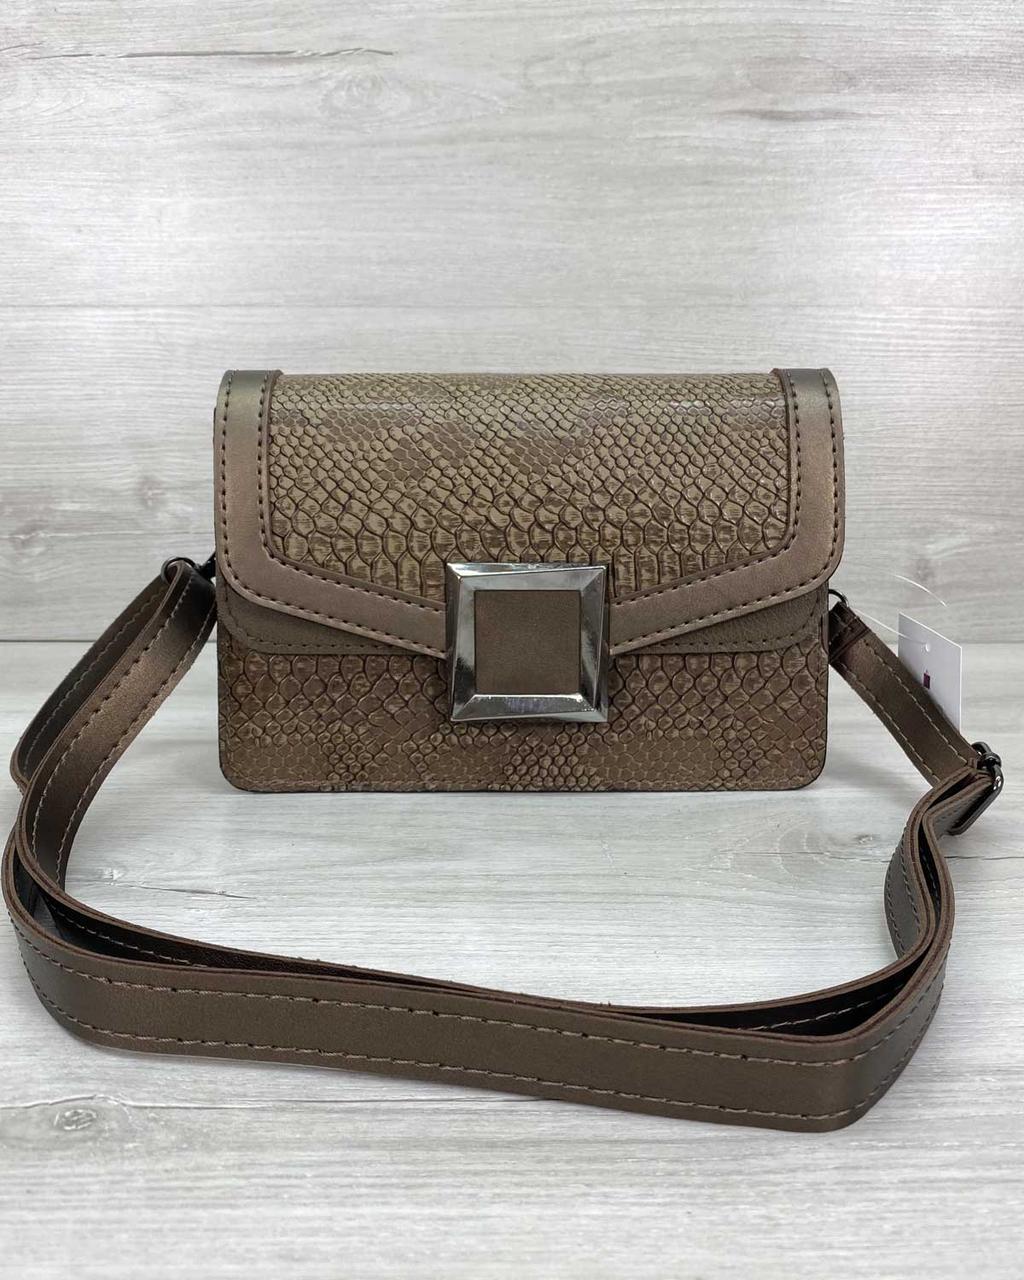 Стильная женская сумка клатч, стильный клатч, женская сумочка «Арни» кофейная